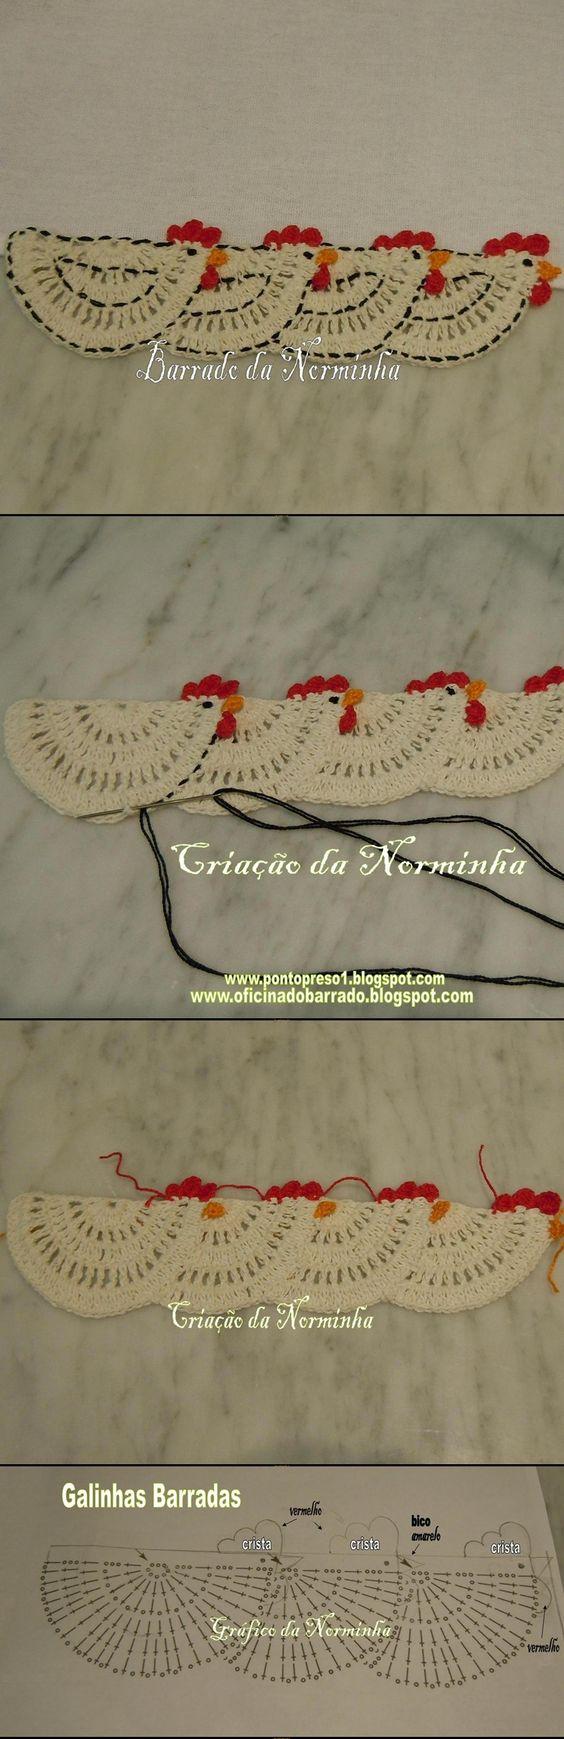 3 barradinha galinha crochet: